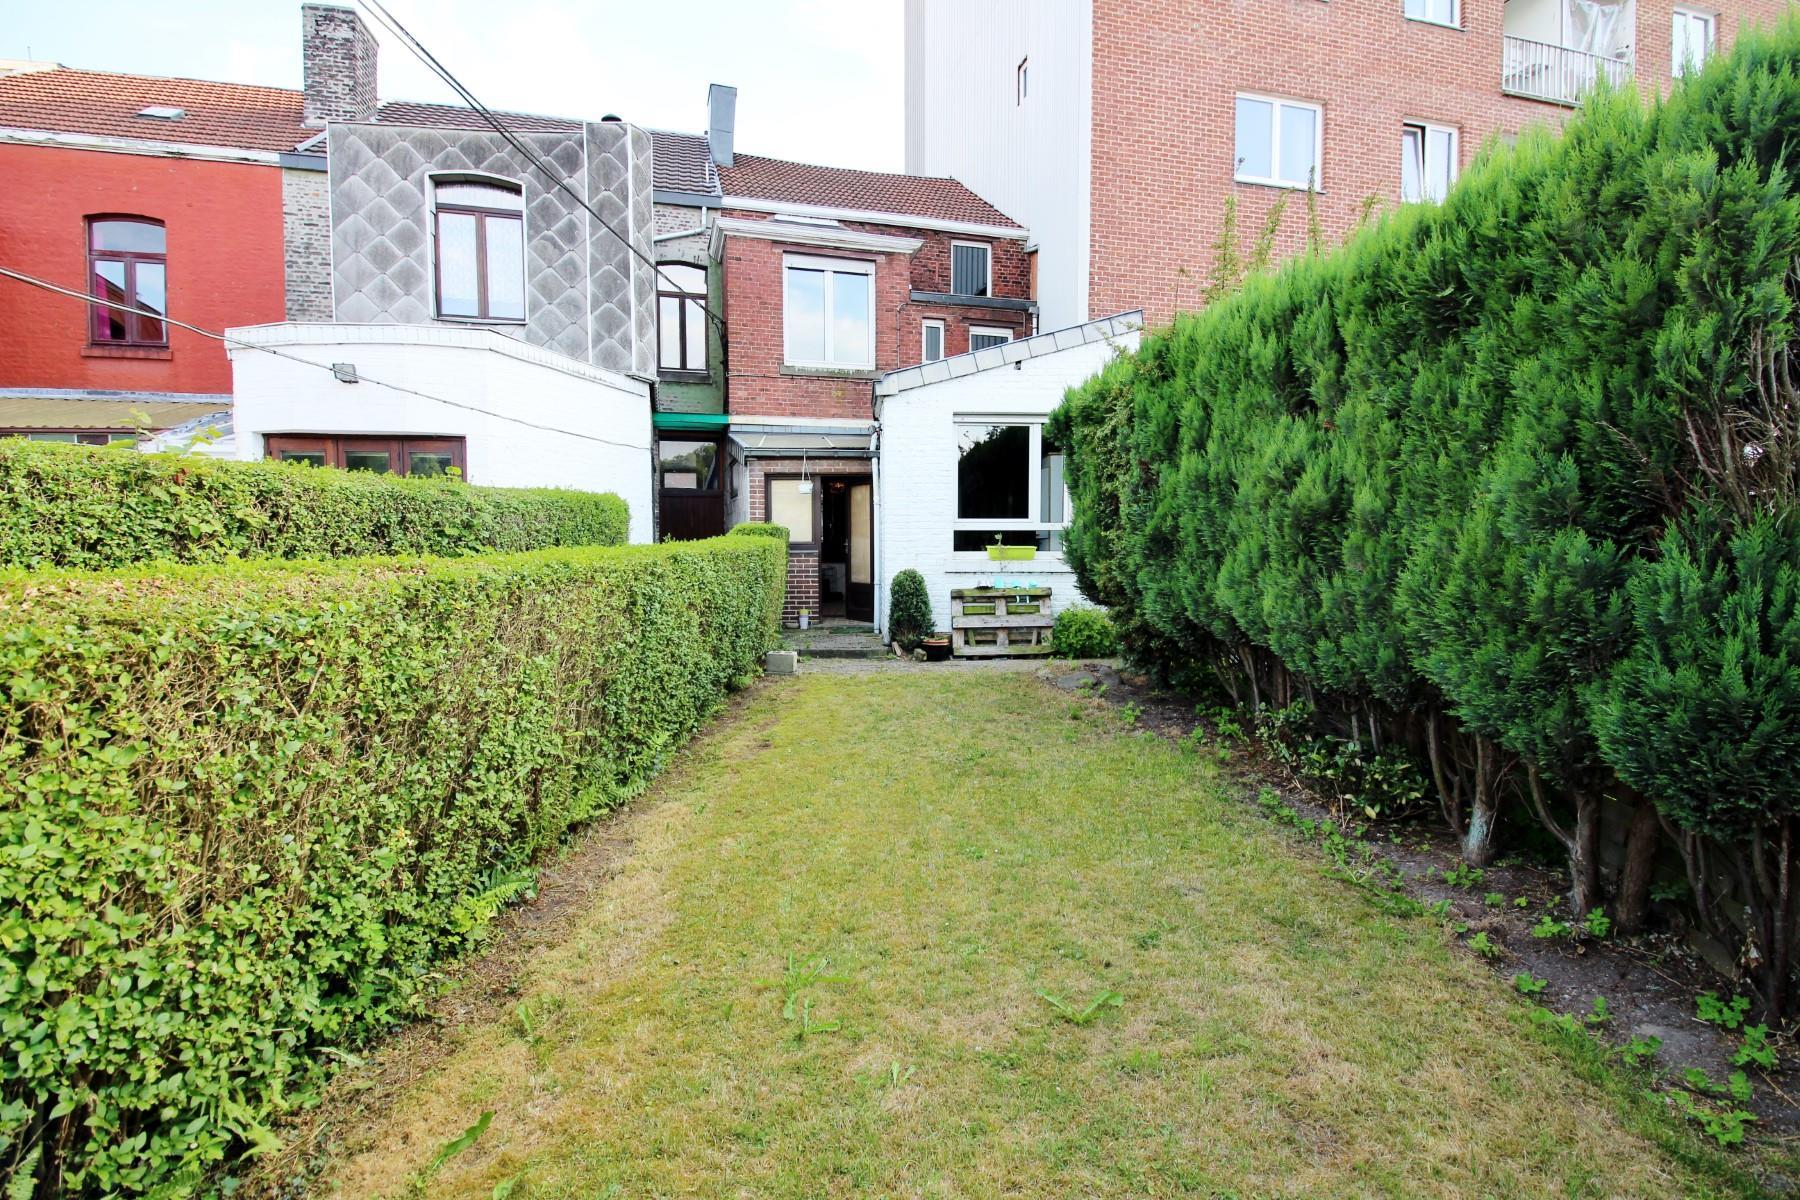 Maison - Liège Grivegnée - #3469166-8